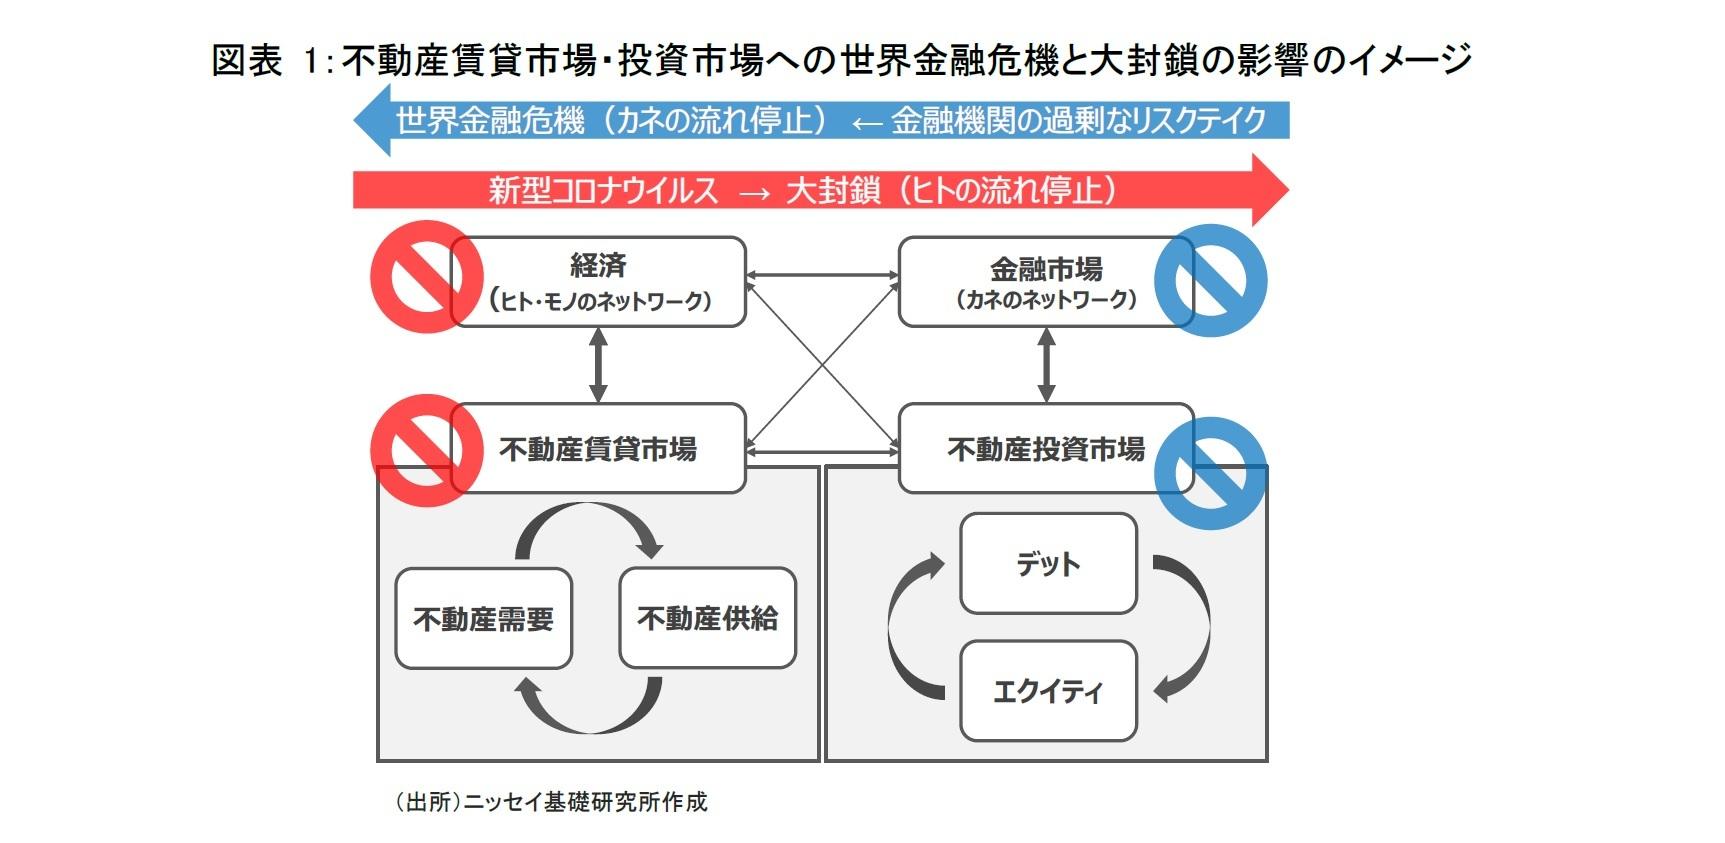 図表 1:不動産賃貸市場・投資市場への世界金融危機と大封鎖の影響のイメージ